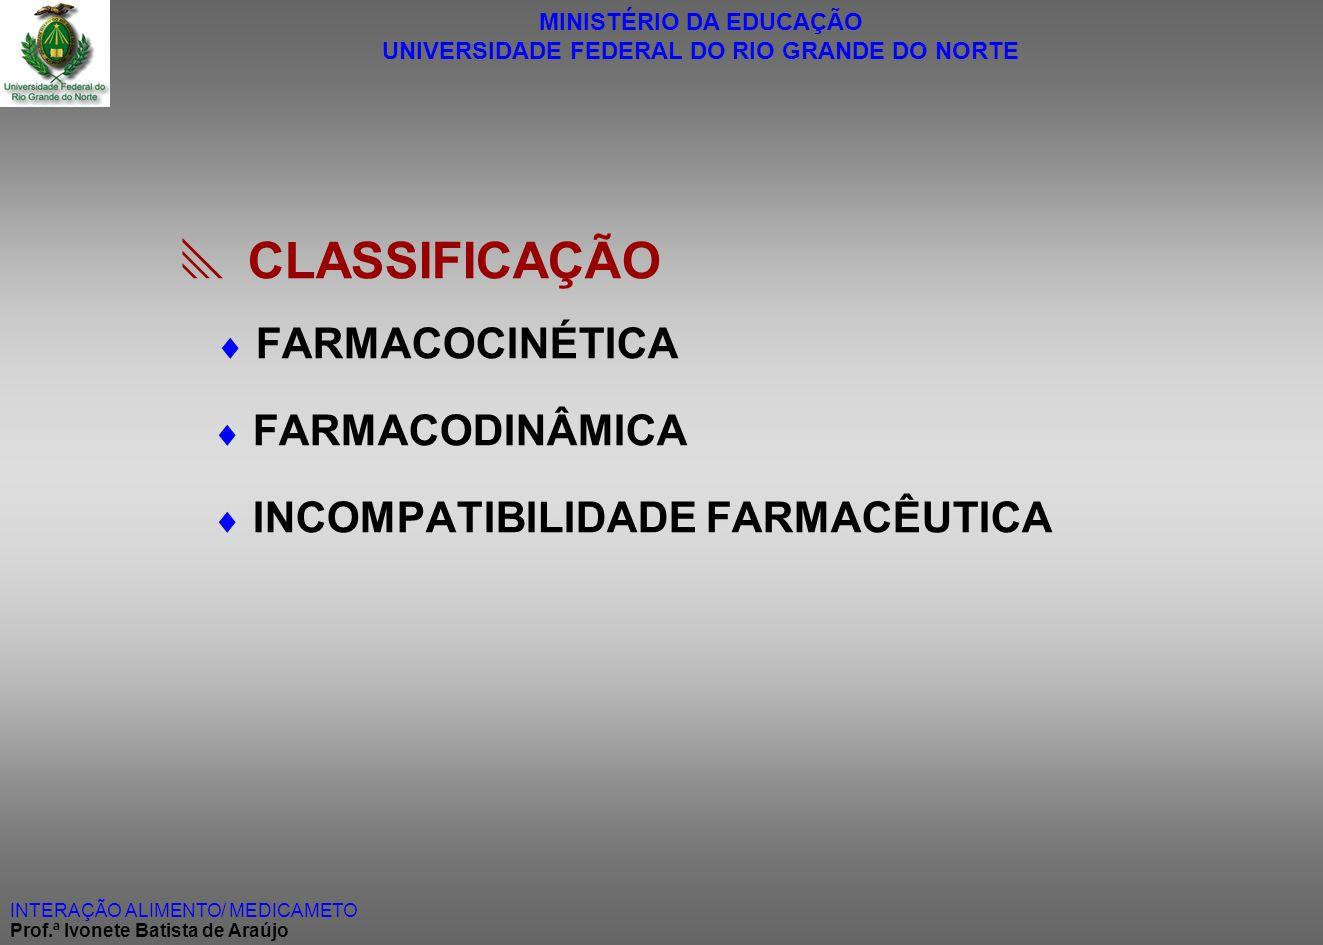 MINISTÉRIO DA EDUCAÇÃO UNIVERSIDADE FEDERAL DO RIO GRANDE DO NORTE INTERAÇÃO ALIMENTO/ MEDICAMETO Prof.ª Ivonete Batista de Araújo CLASSIFICAÇÃO FARMA